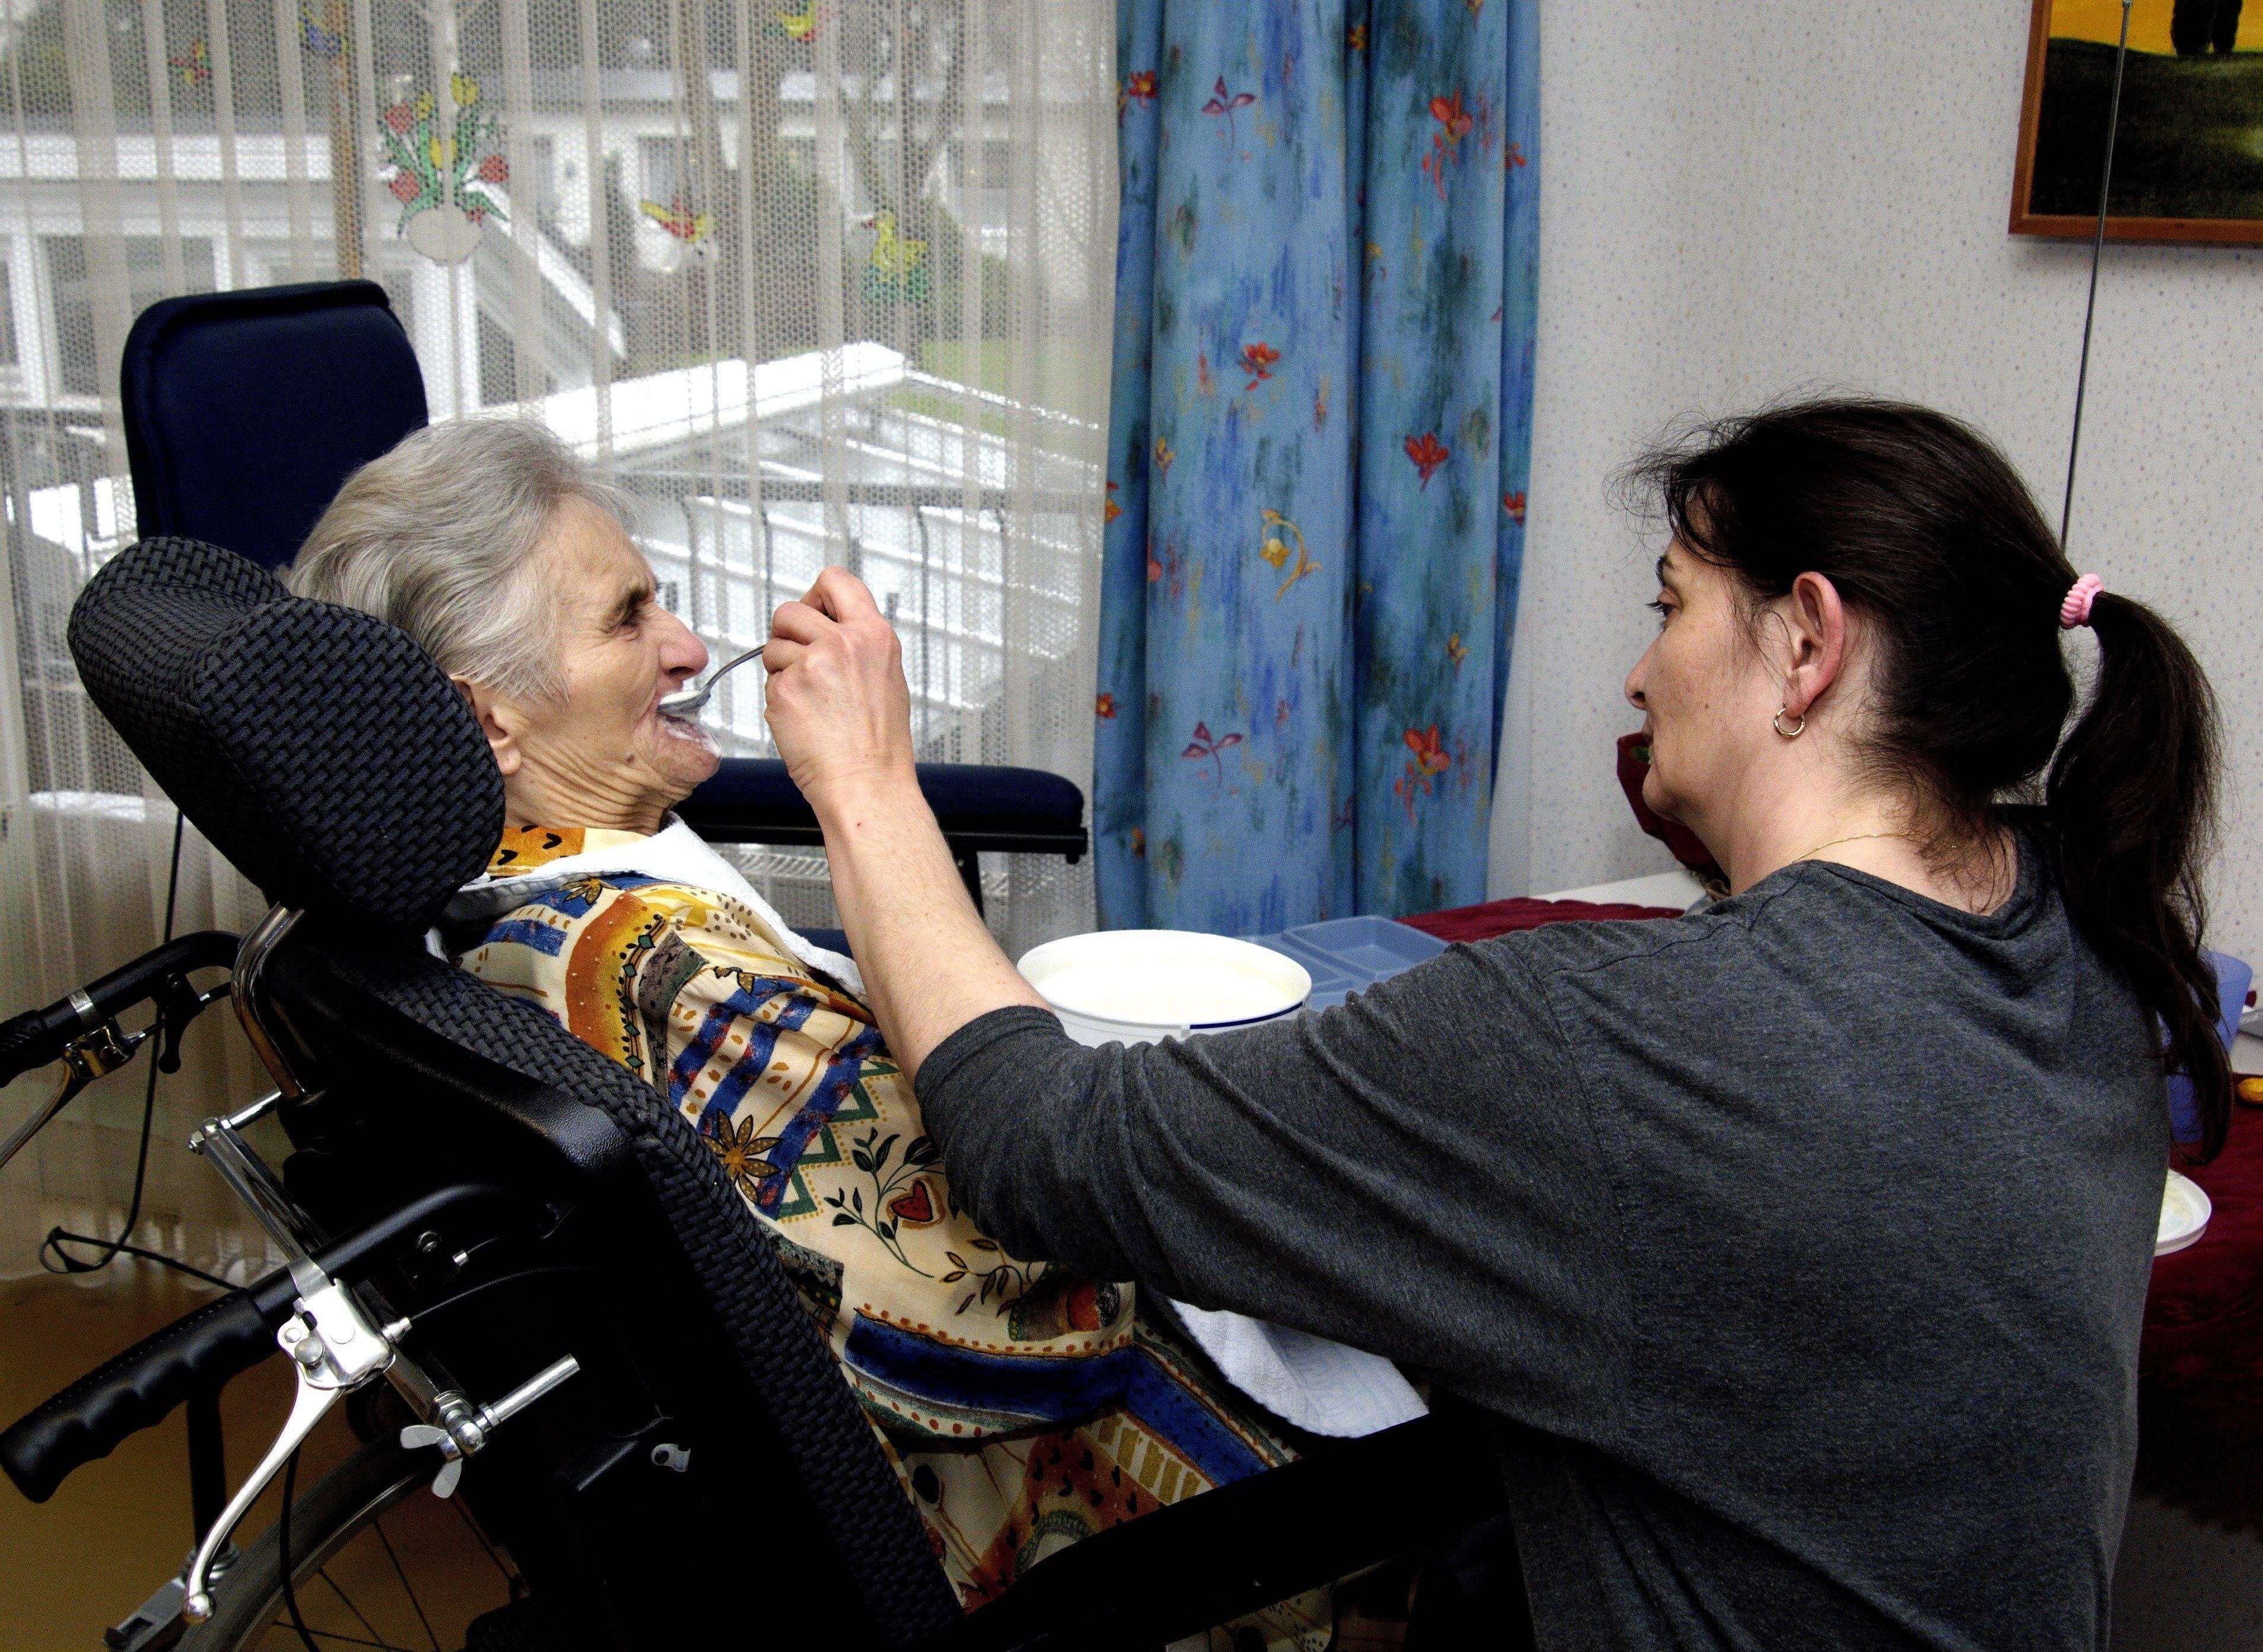 Eine Pflegerin reicht einer alten Frau das Frühstück in einem Pflegeheim